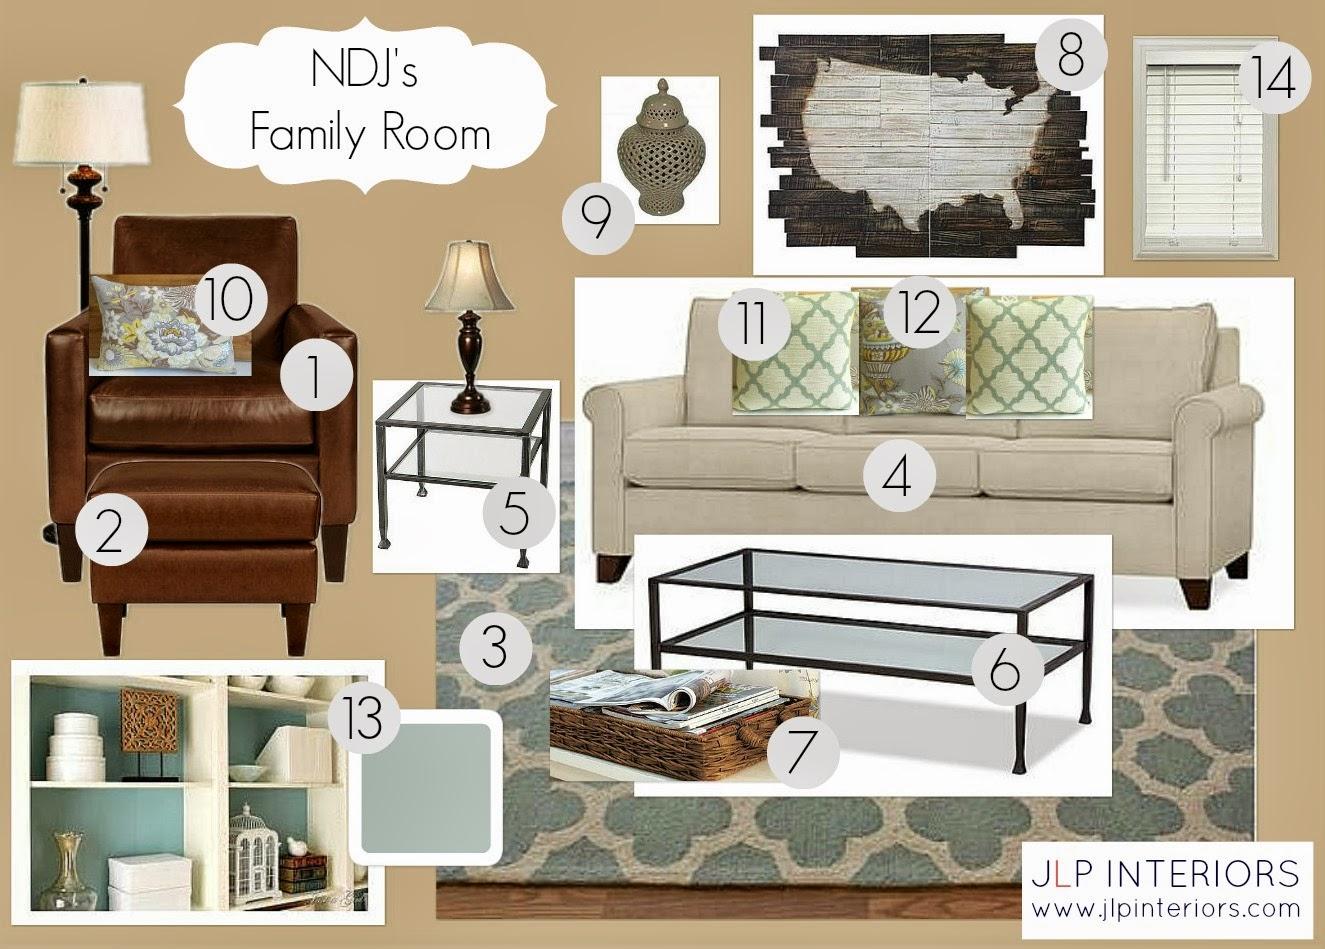 Home With Baxter E Design Ndj 39 S Family Room Design